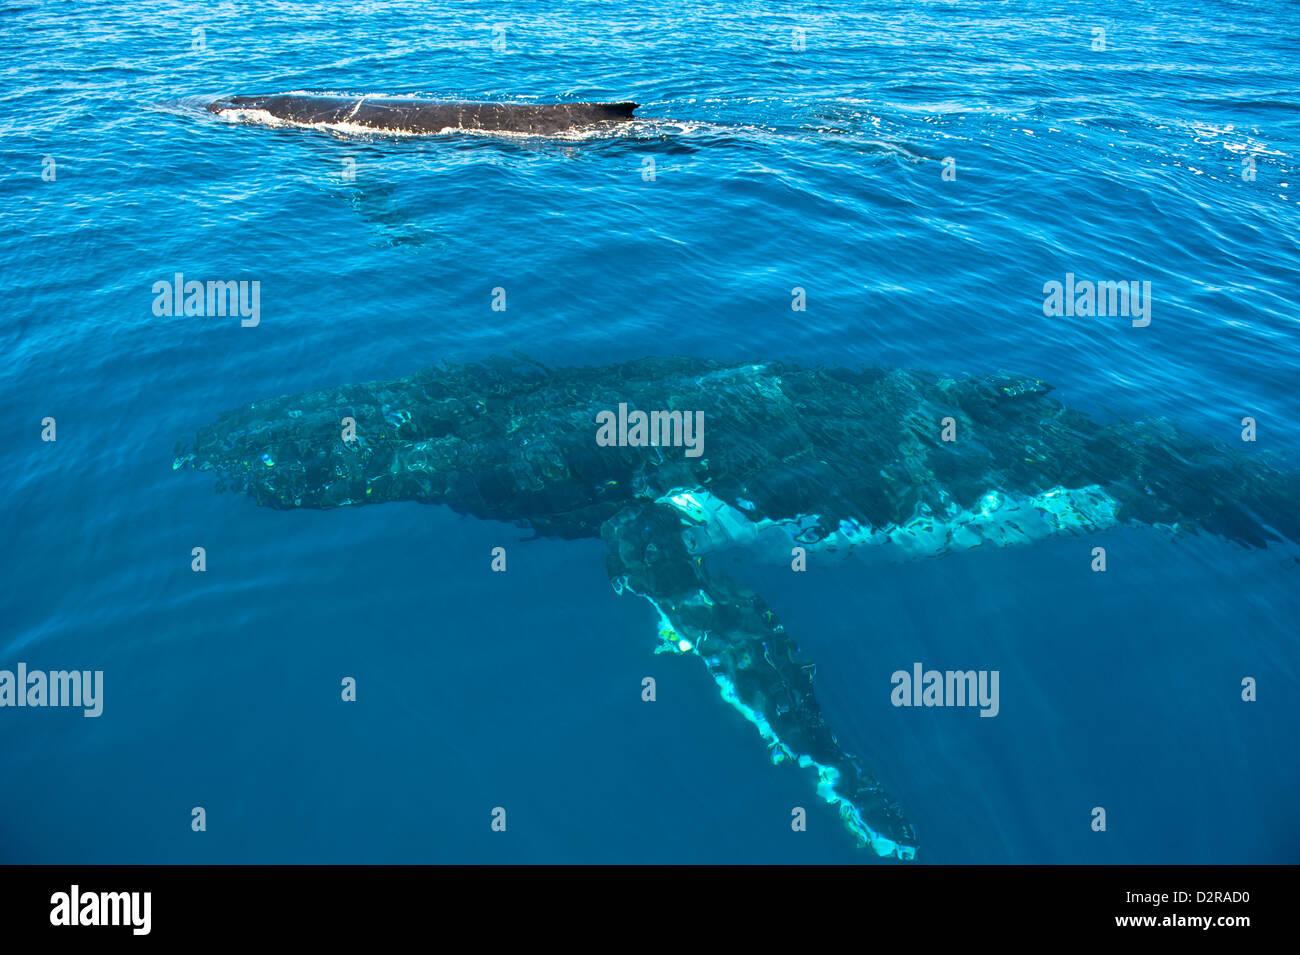 La ballena jorobada (Megaptera novaeangliae) en Harvey Bay, Queensland, Australia, el Pacífico Imagen De Stock